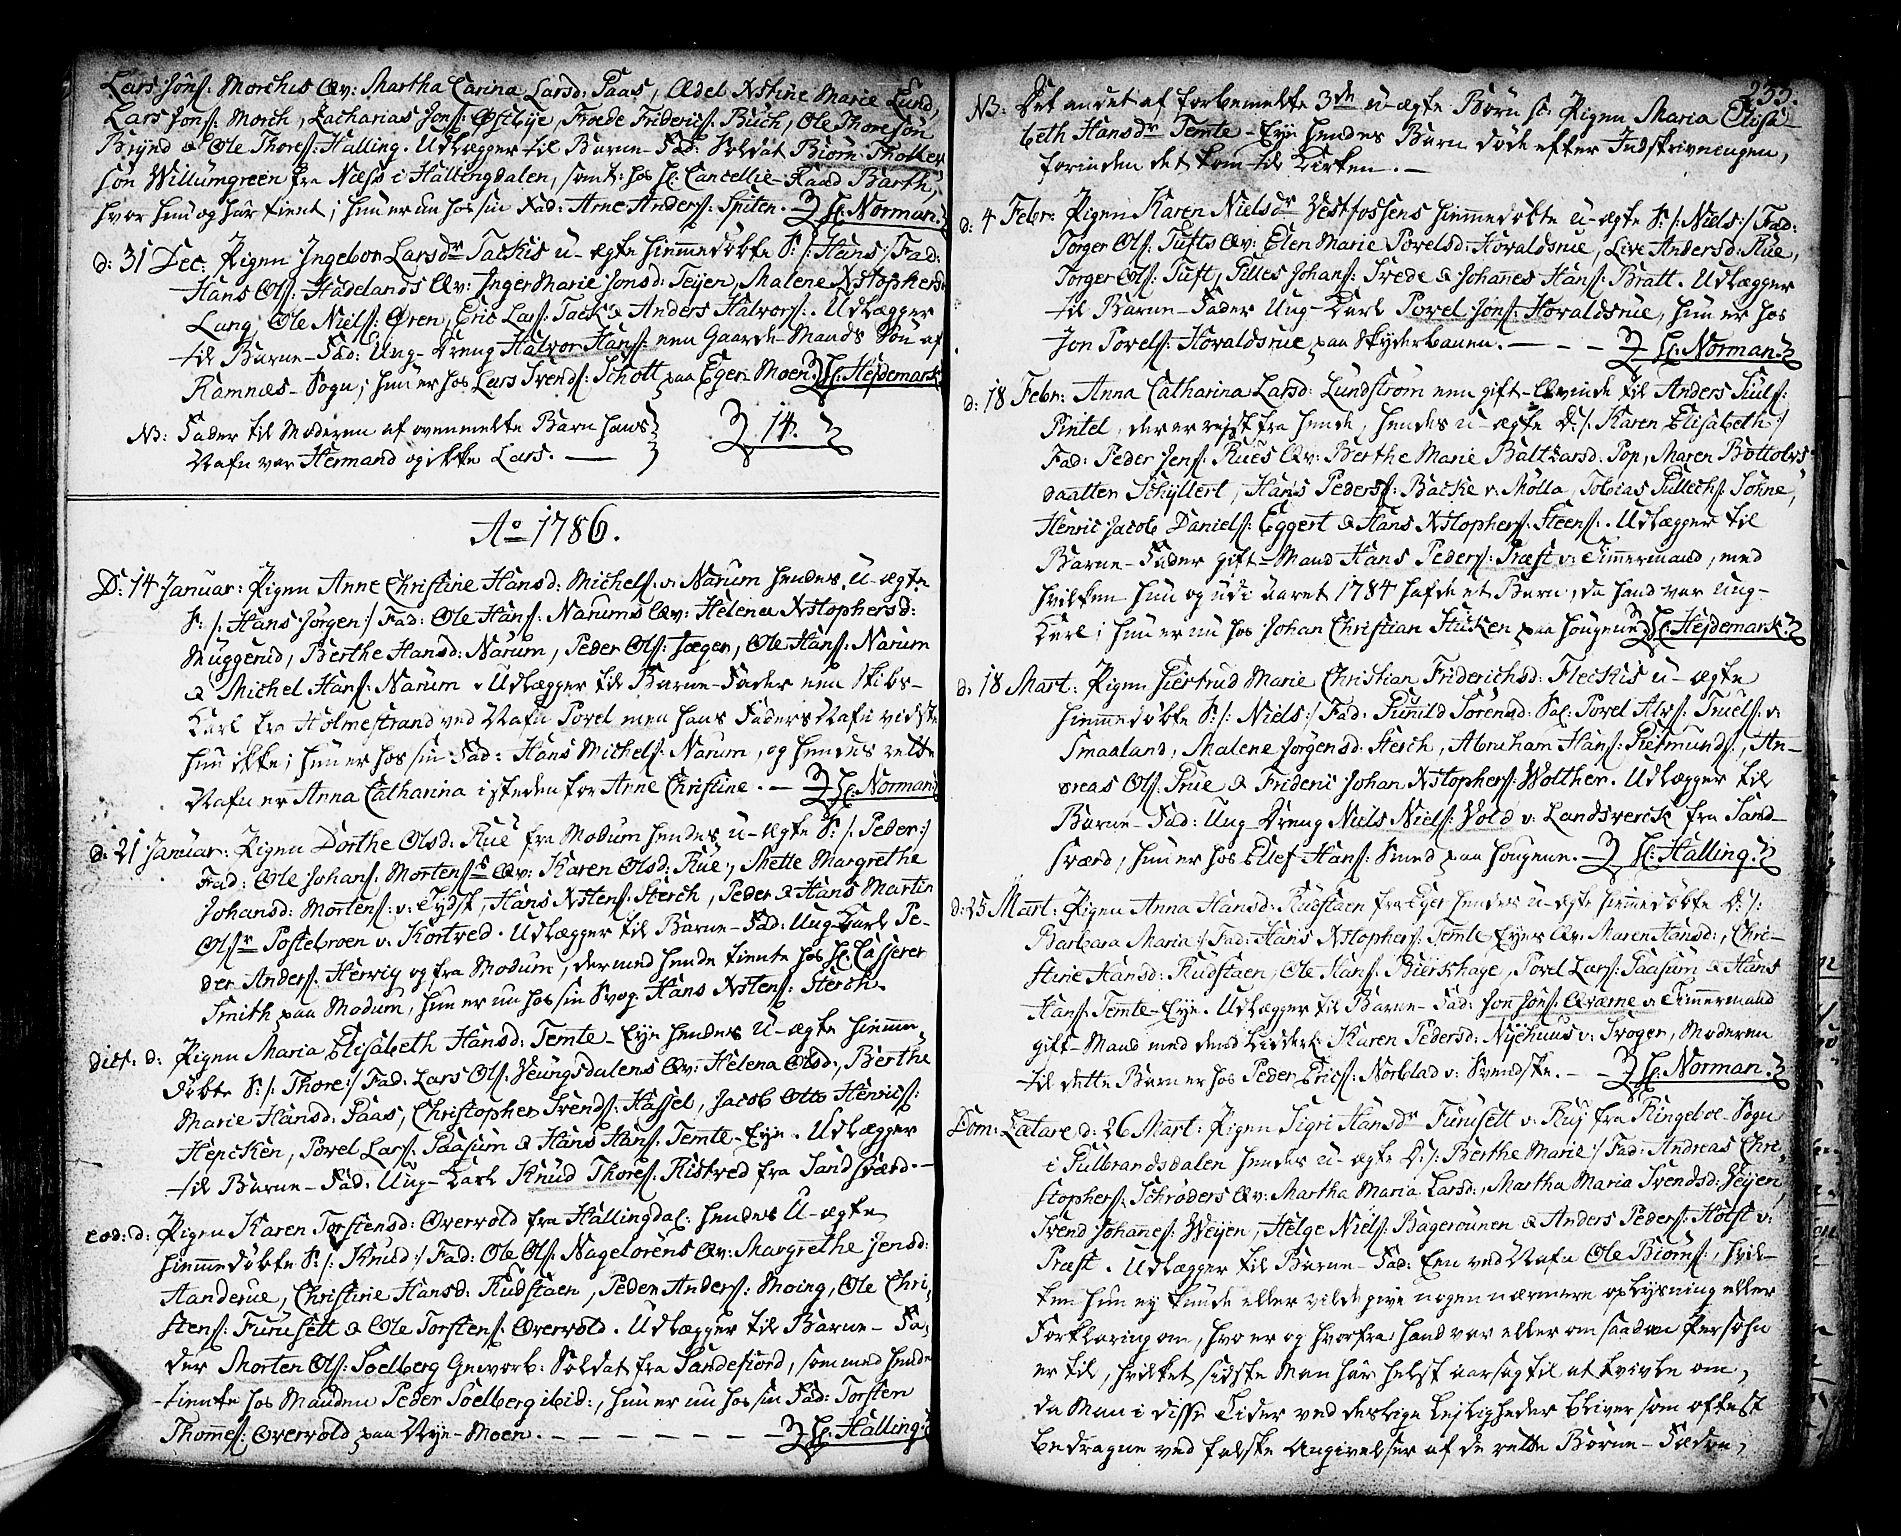 SAKO, Kongsberg kirkebøker, F/Fa/L0006: Ministerialbok nr. I 6, 1783-1797, s. 233